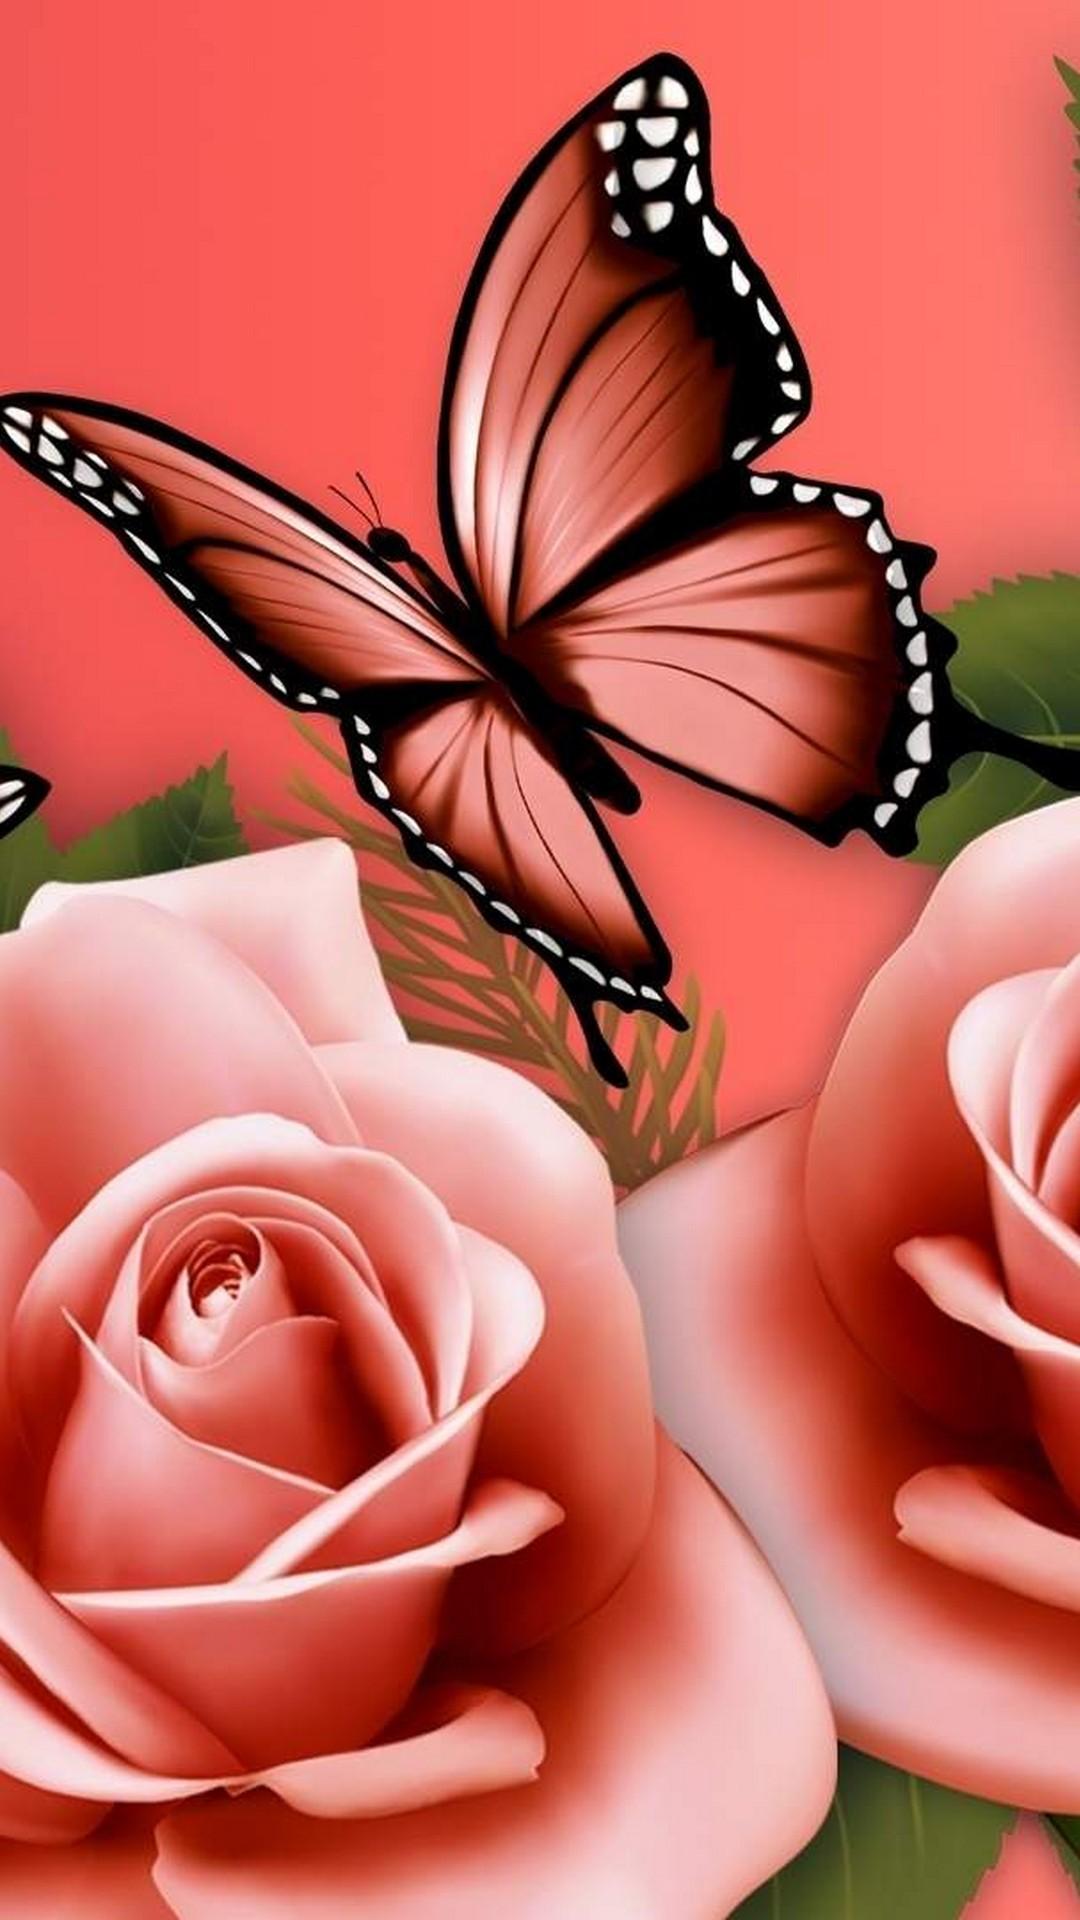 Butterfly Wallpaper Flower Hd 2254814 Hd Wallpaper